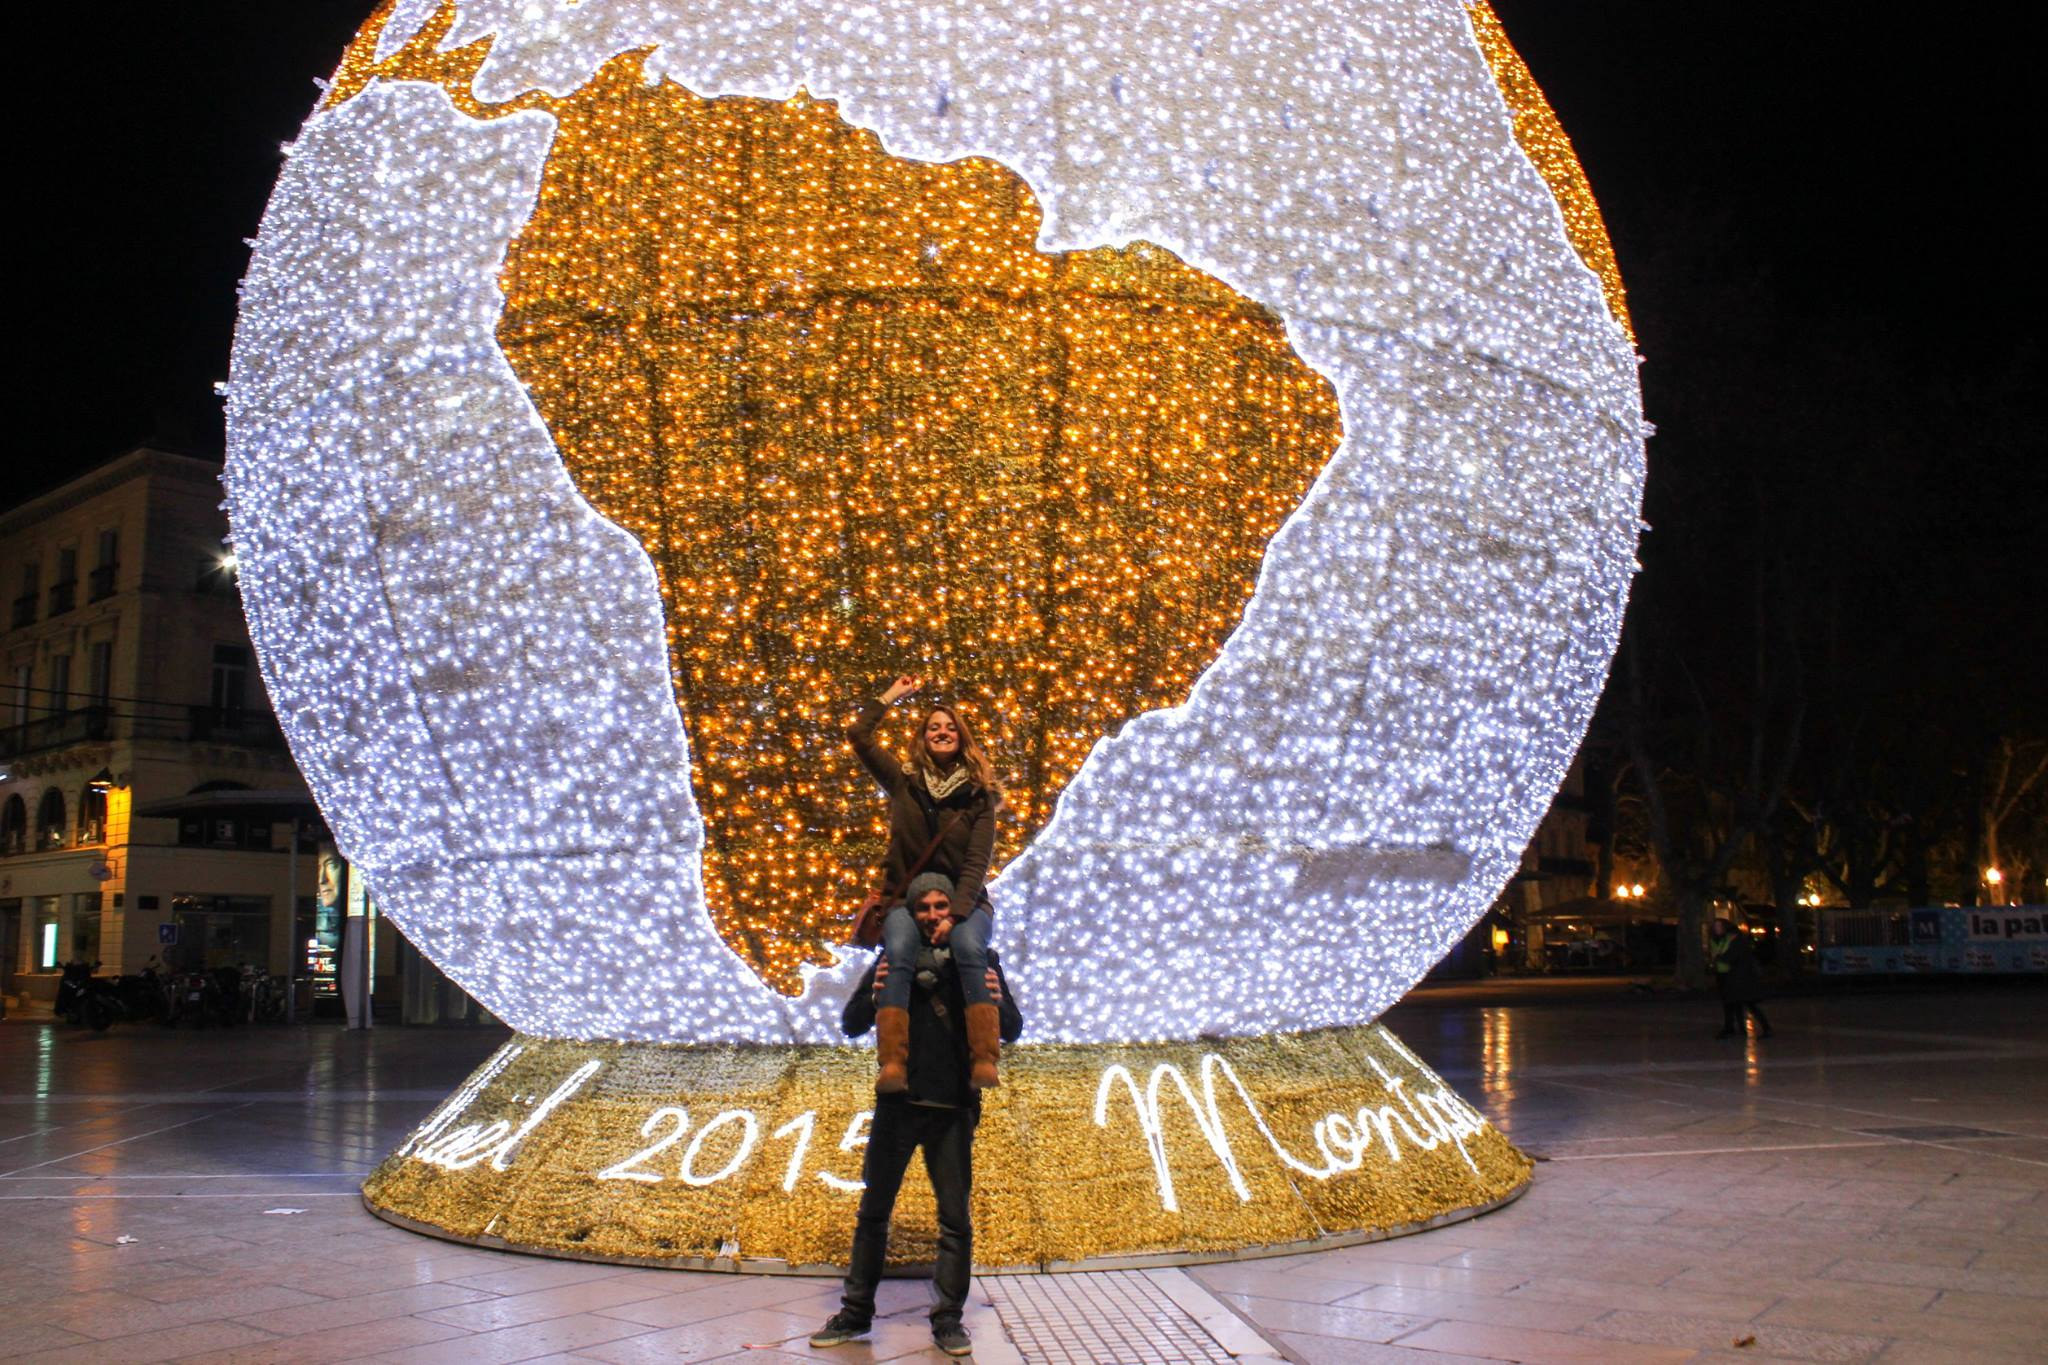 Maryne et Jules devant une illumination représentant l'amérique du sud